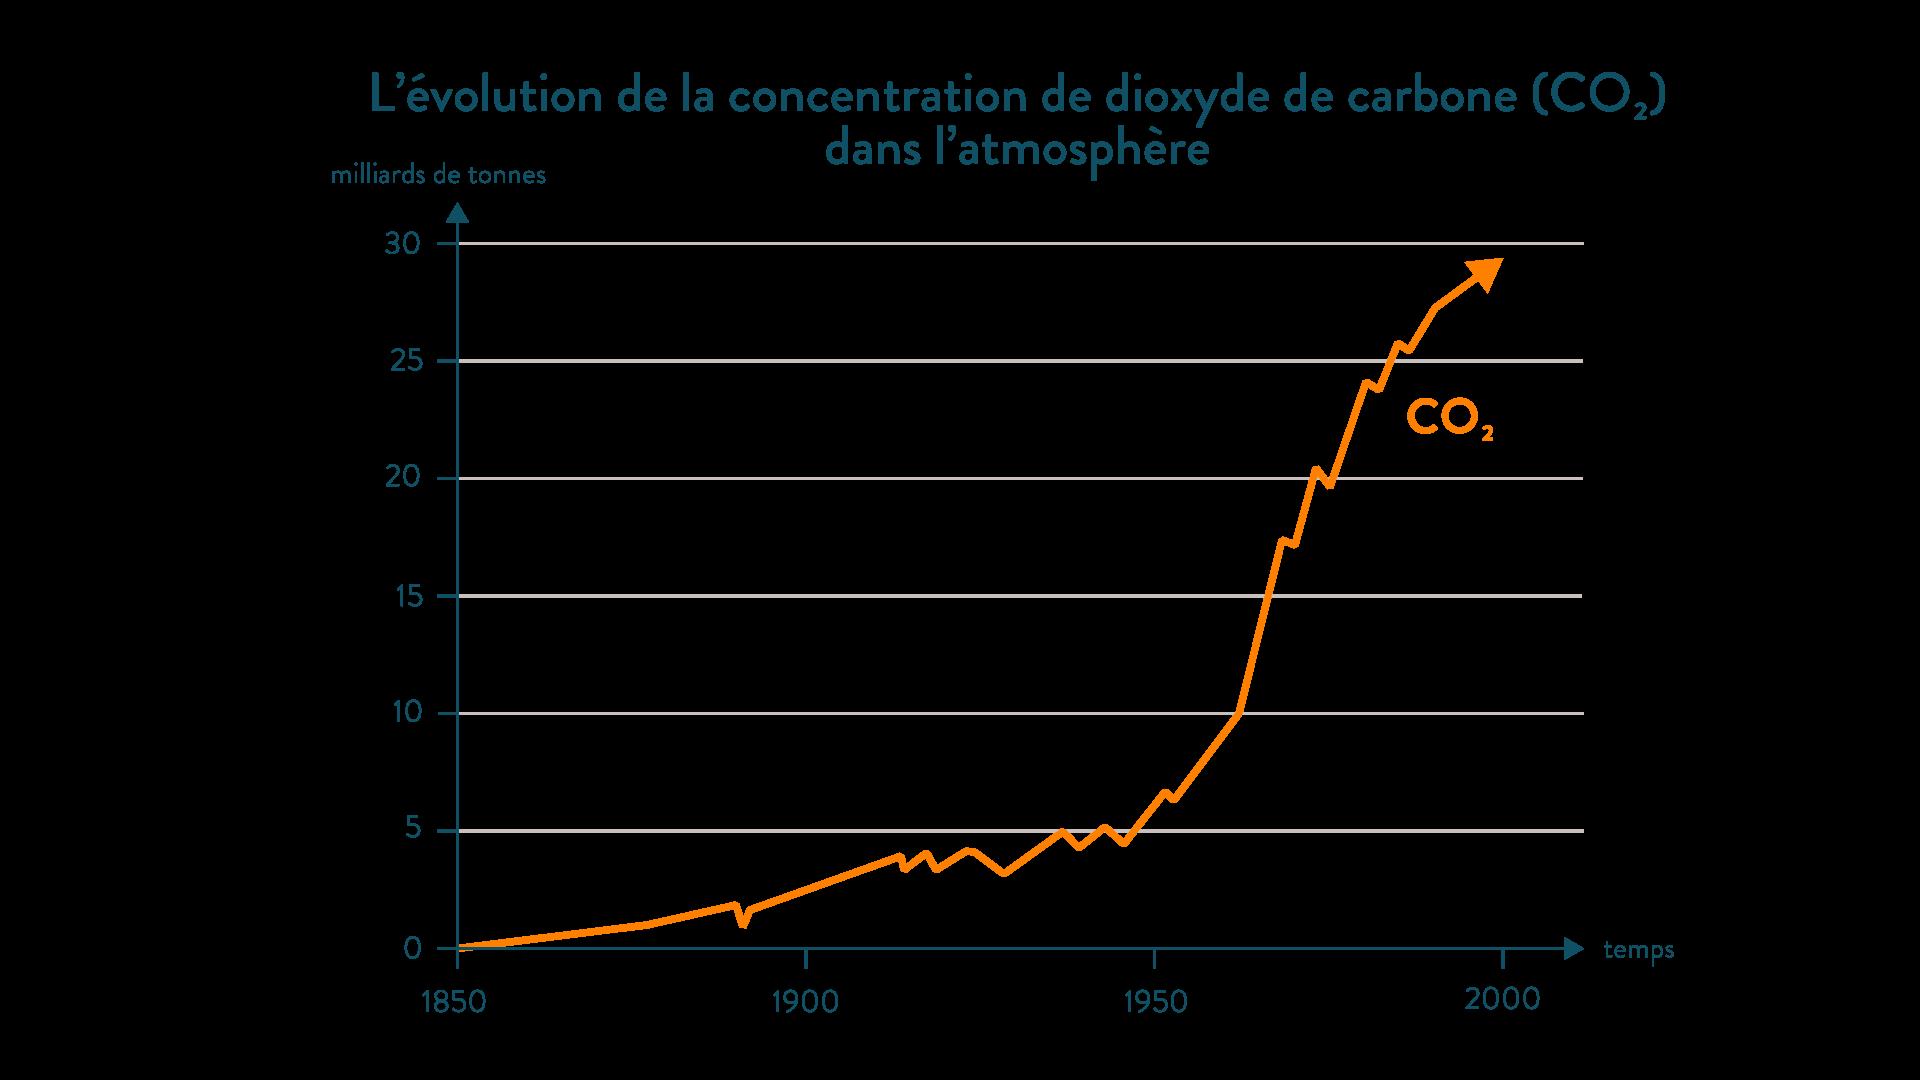 L'évolution de la concentration de dioxyde de carbone (CO2) dans l'atmosphère (1850-2000) géographie cinquième